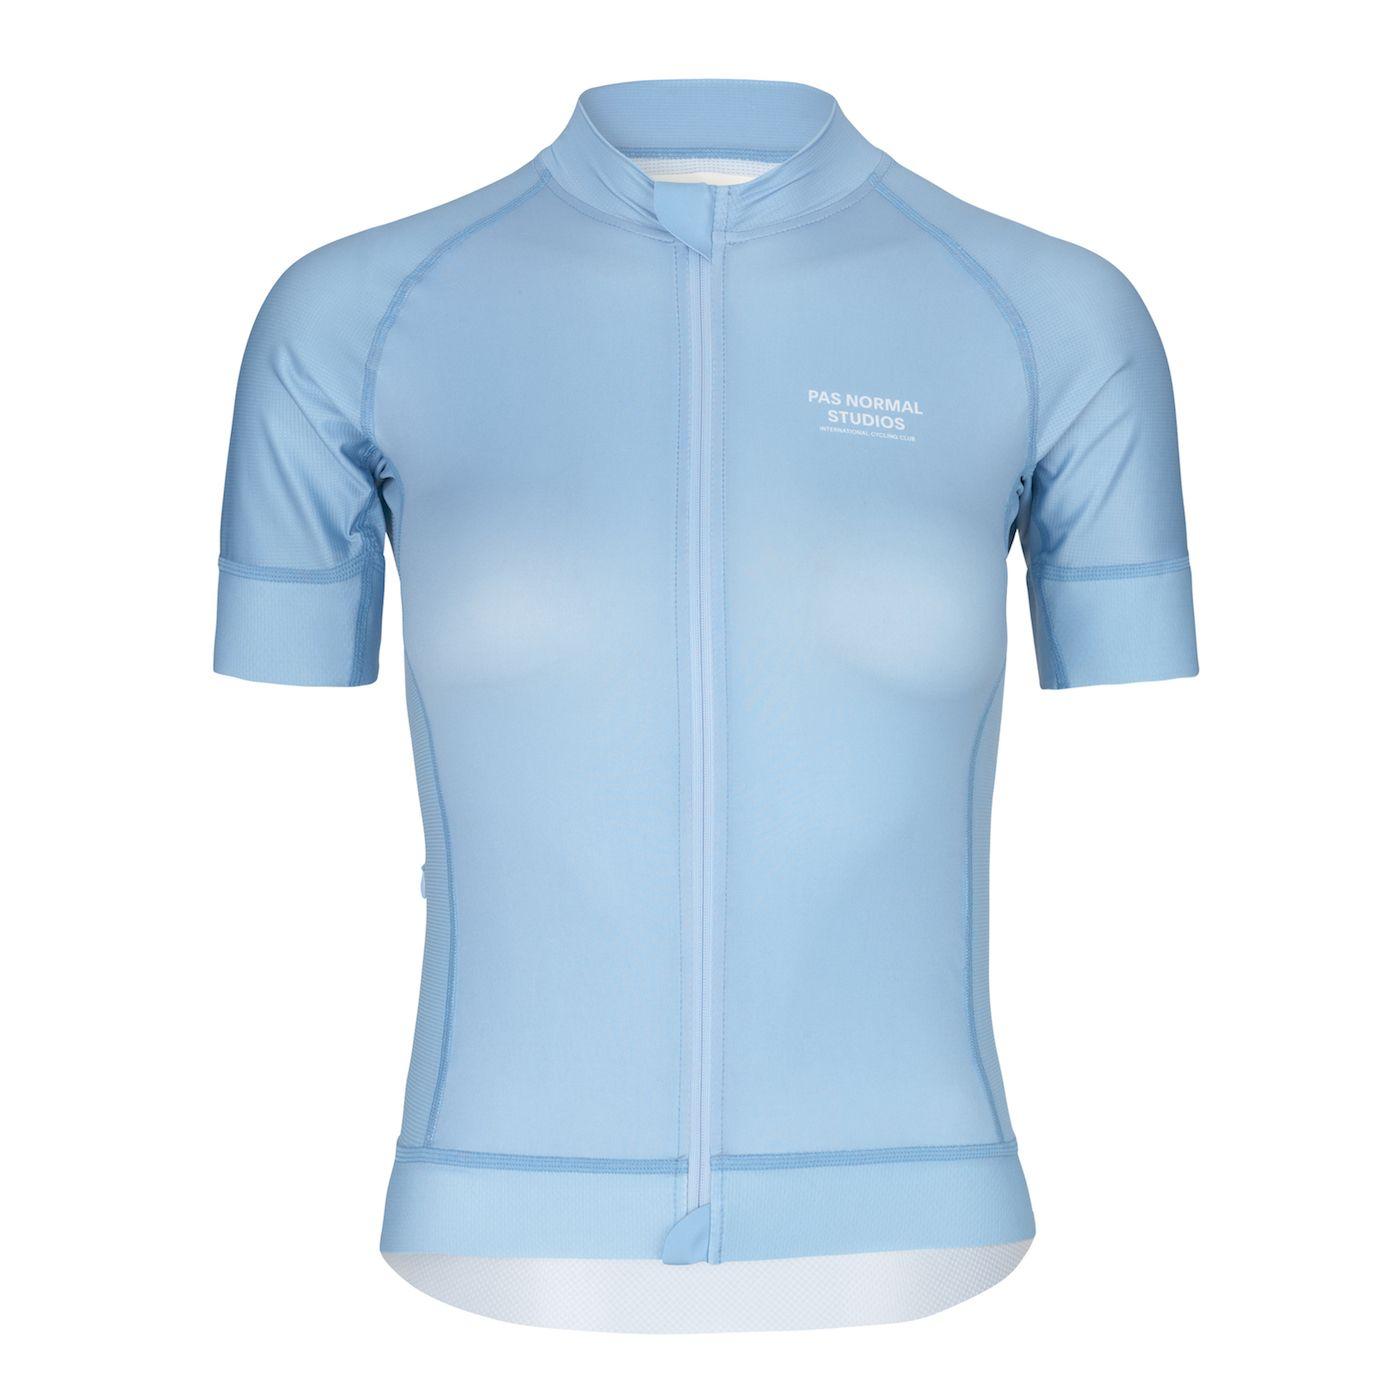 Mechanism Zip-up Cycling Jersey - BluePas Normal Studios Jeu En Ligne Ebay Expédition Grande Vente Libre Acheter Recommande Pas Cher authentique KAbeh